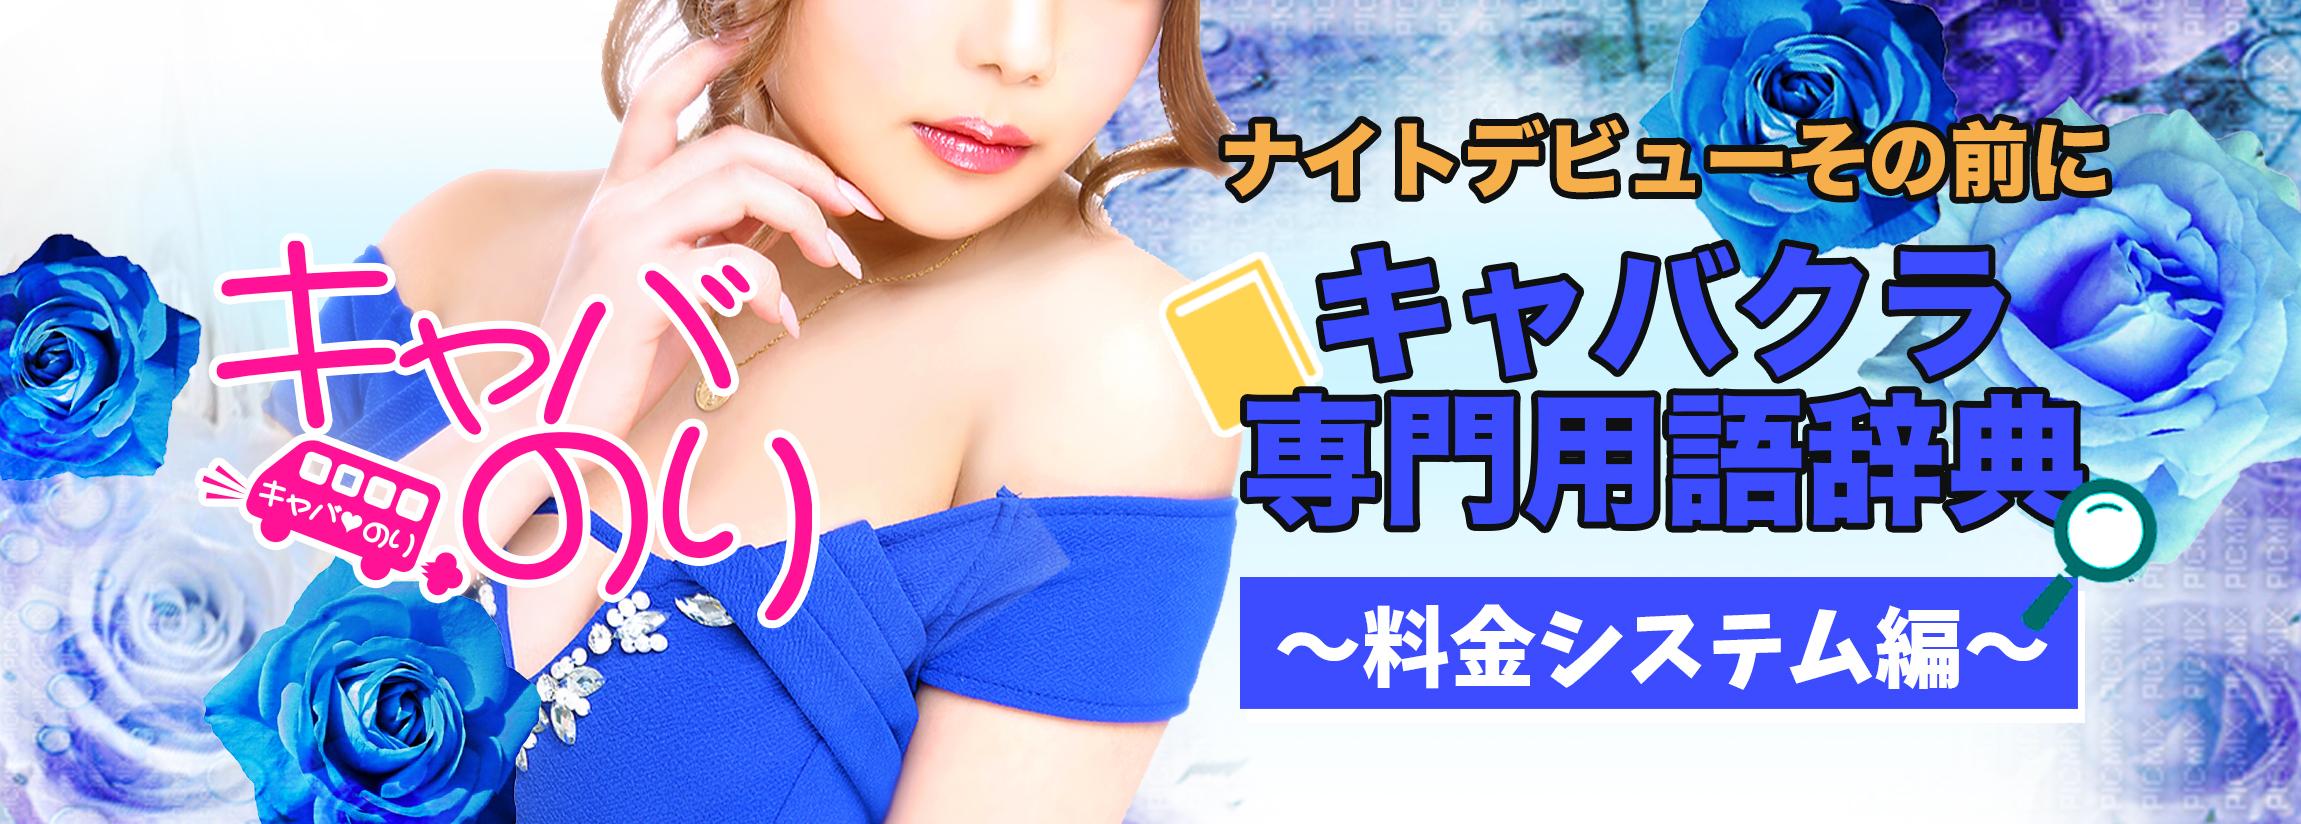 【覚えて安心♪】キャバクラ専門用語辞典〜料金システム編〜【ナイトデビュー】